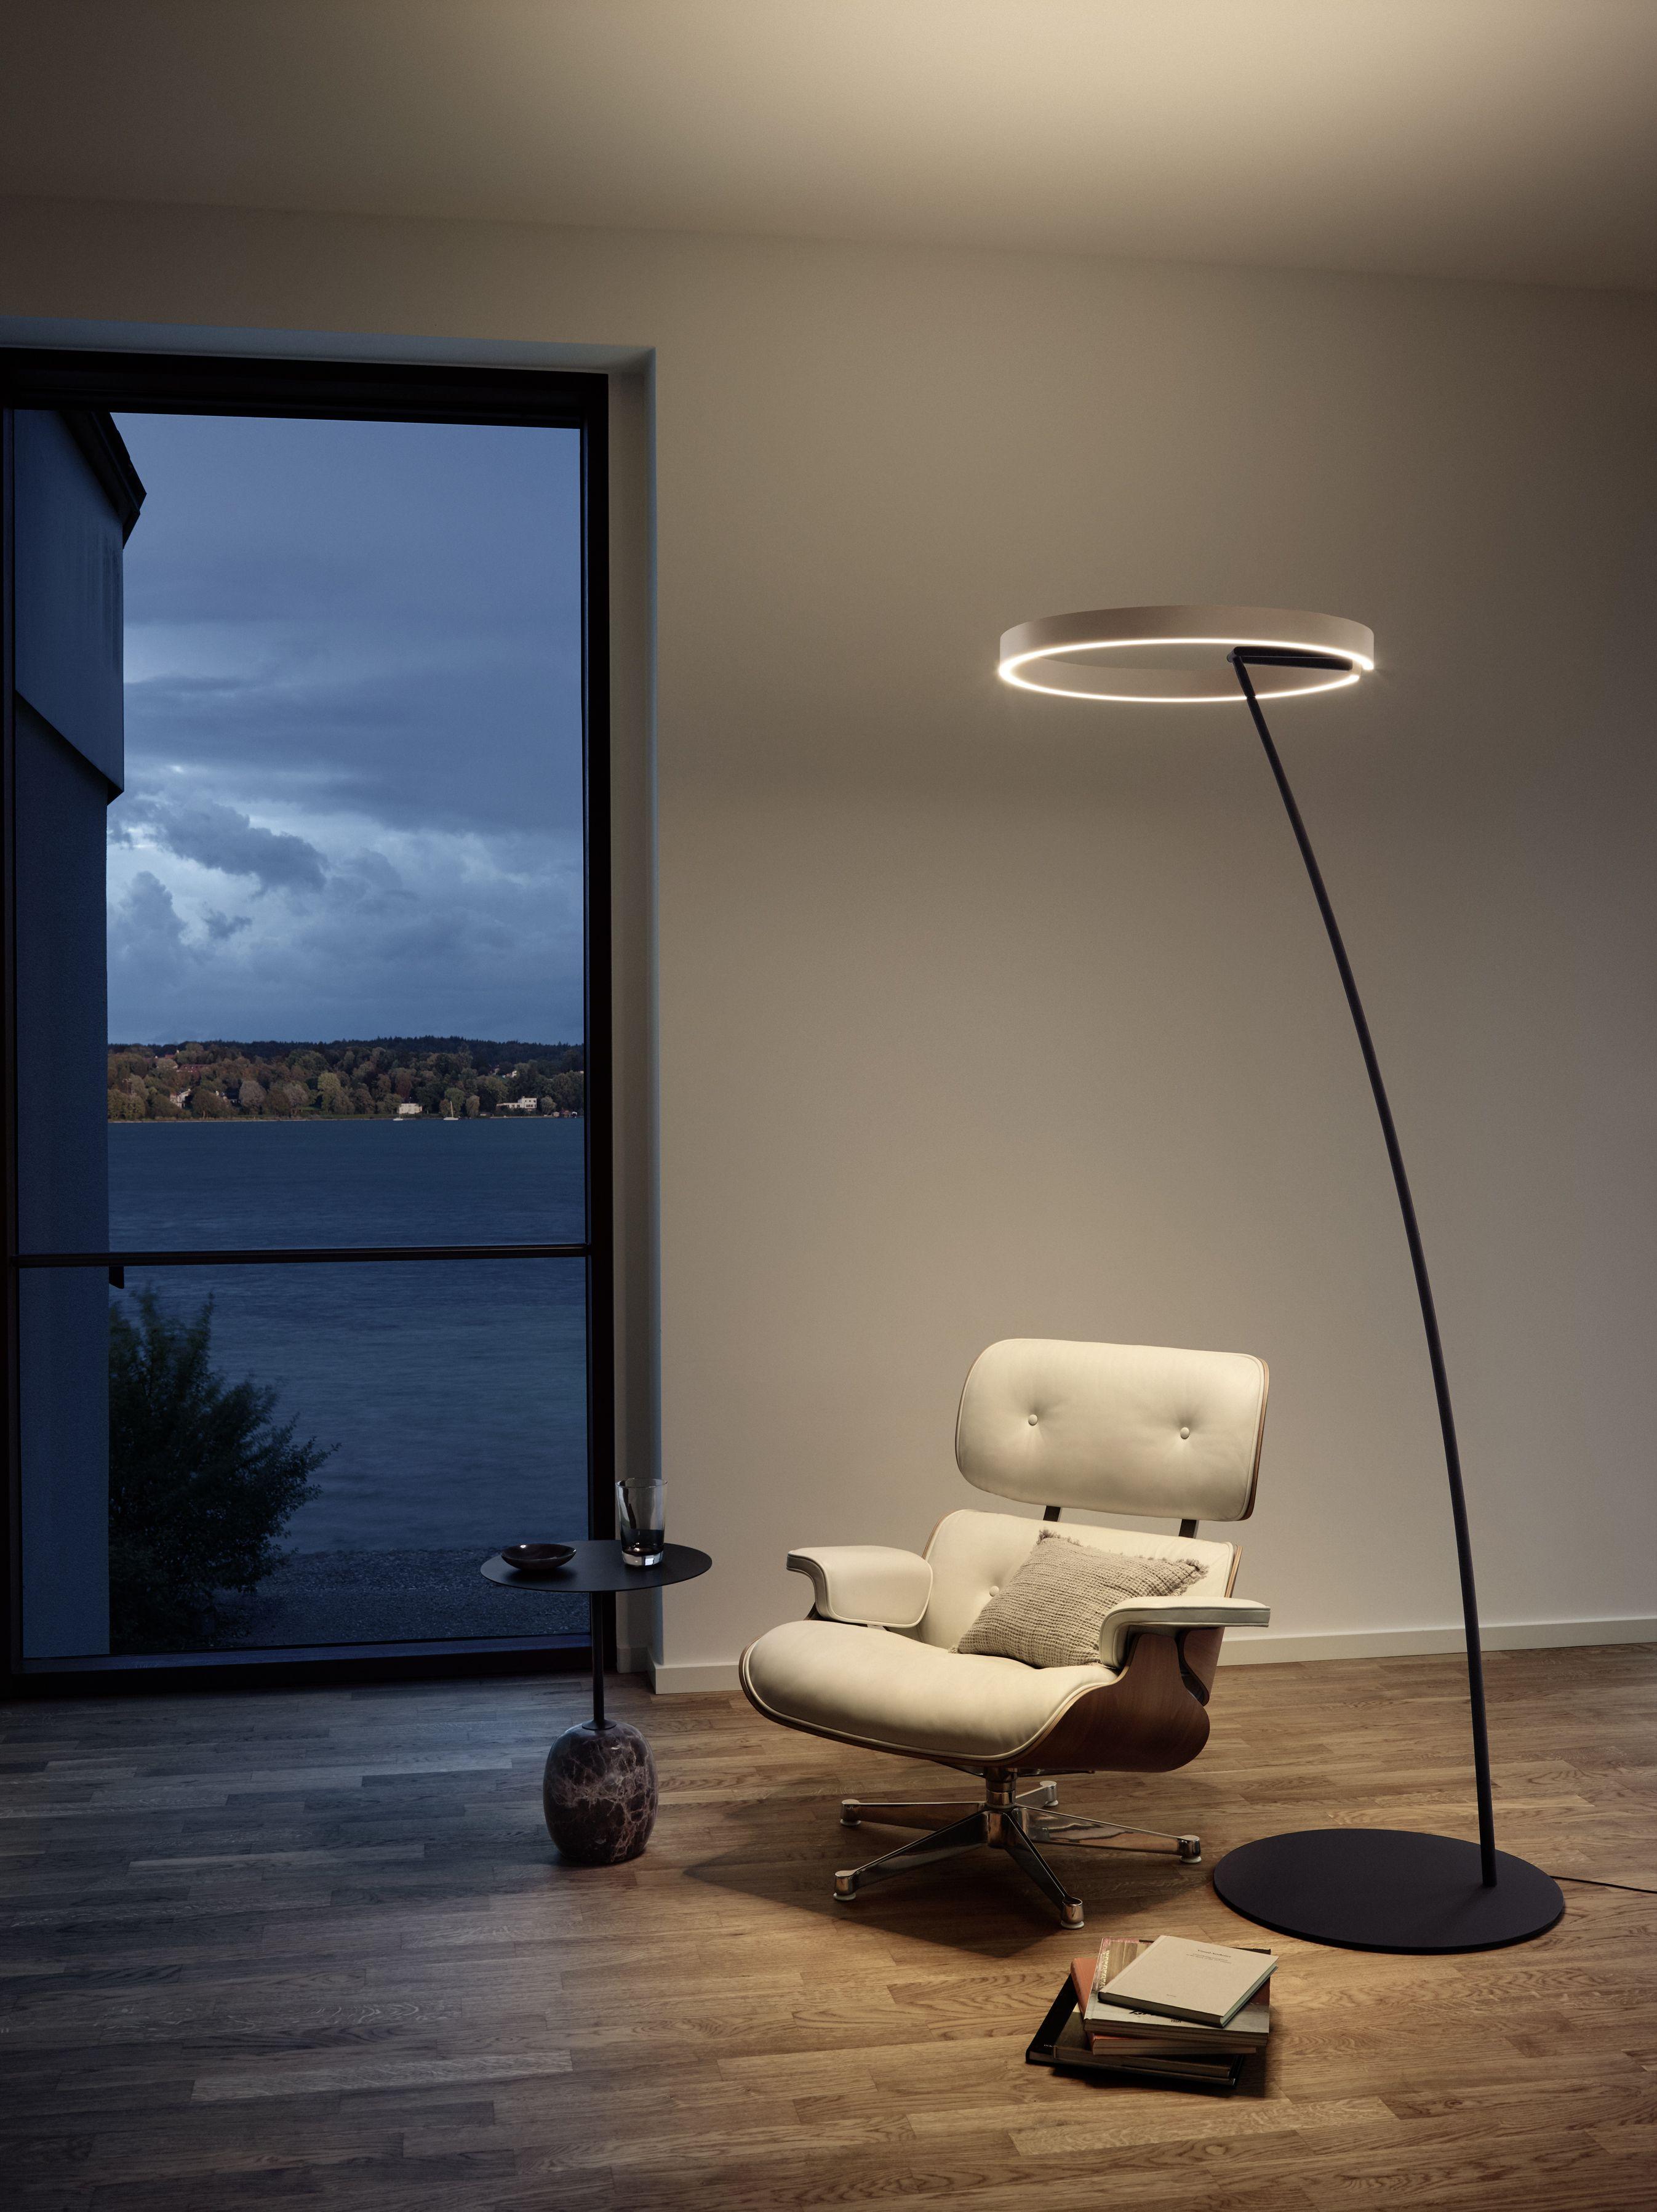 Bogen Mito raggio   wunderschön   Lounge beleuchtung, Möbeldesign, Produktdesign